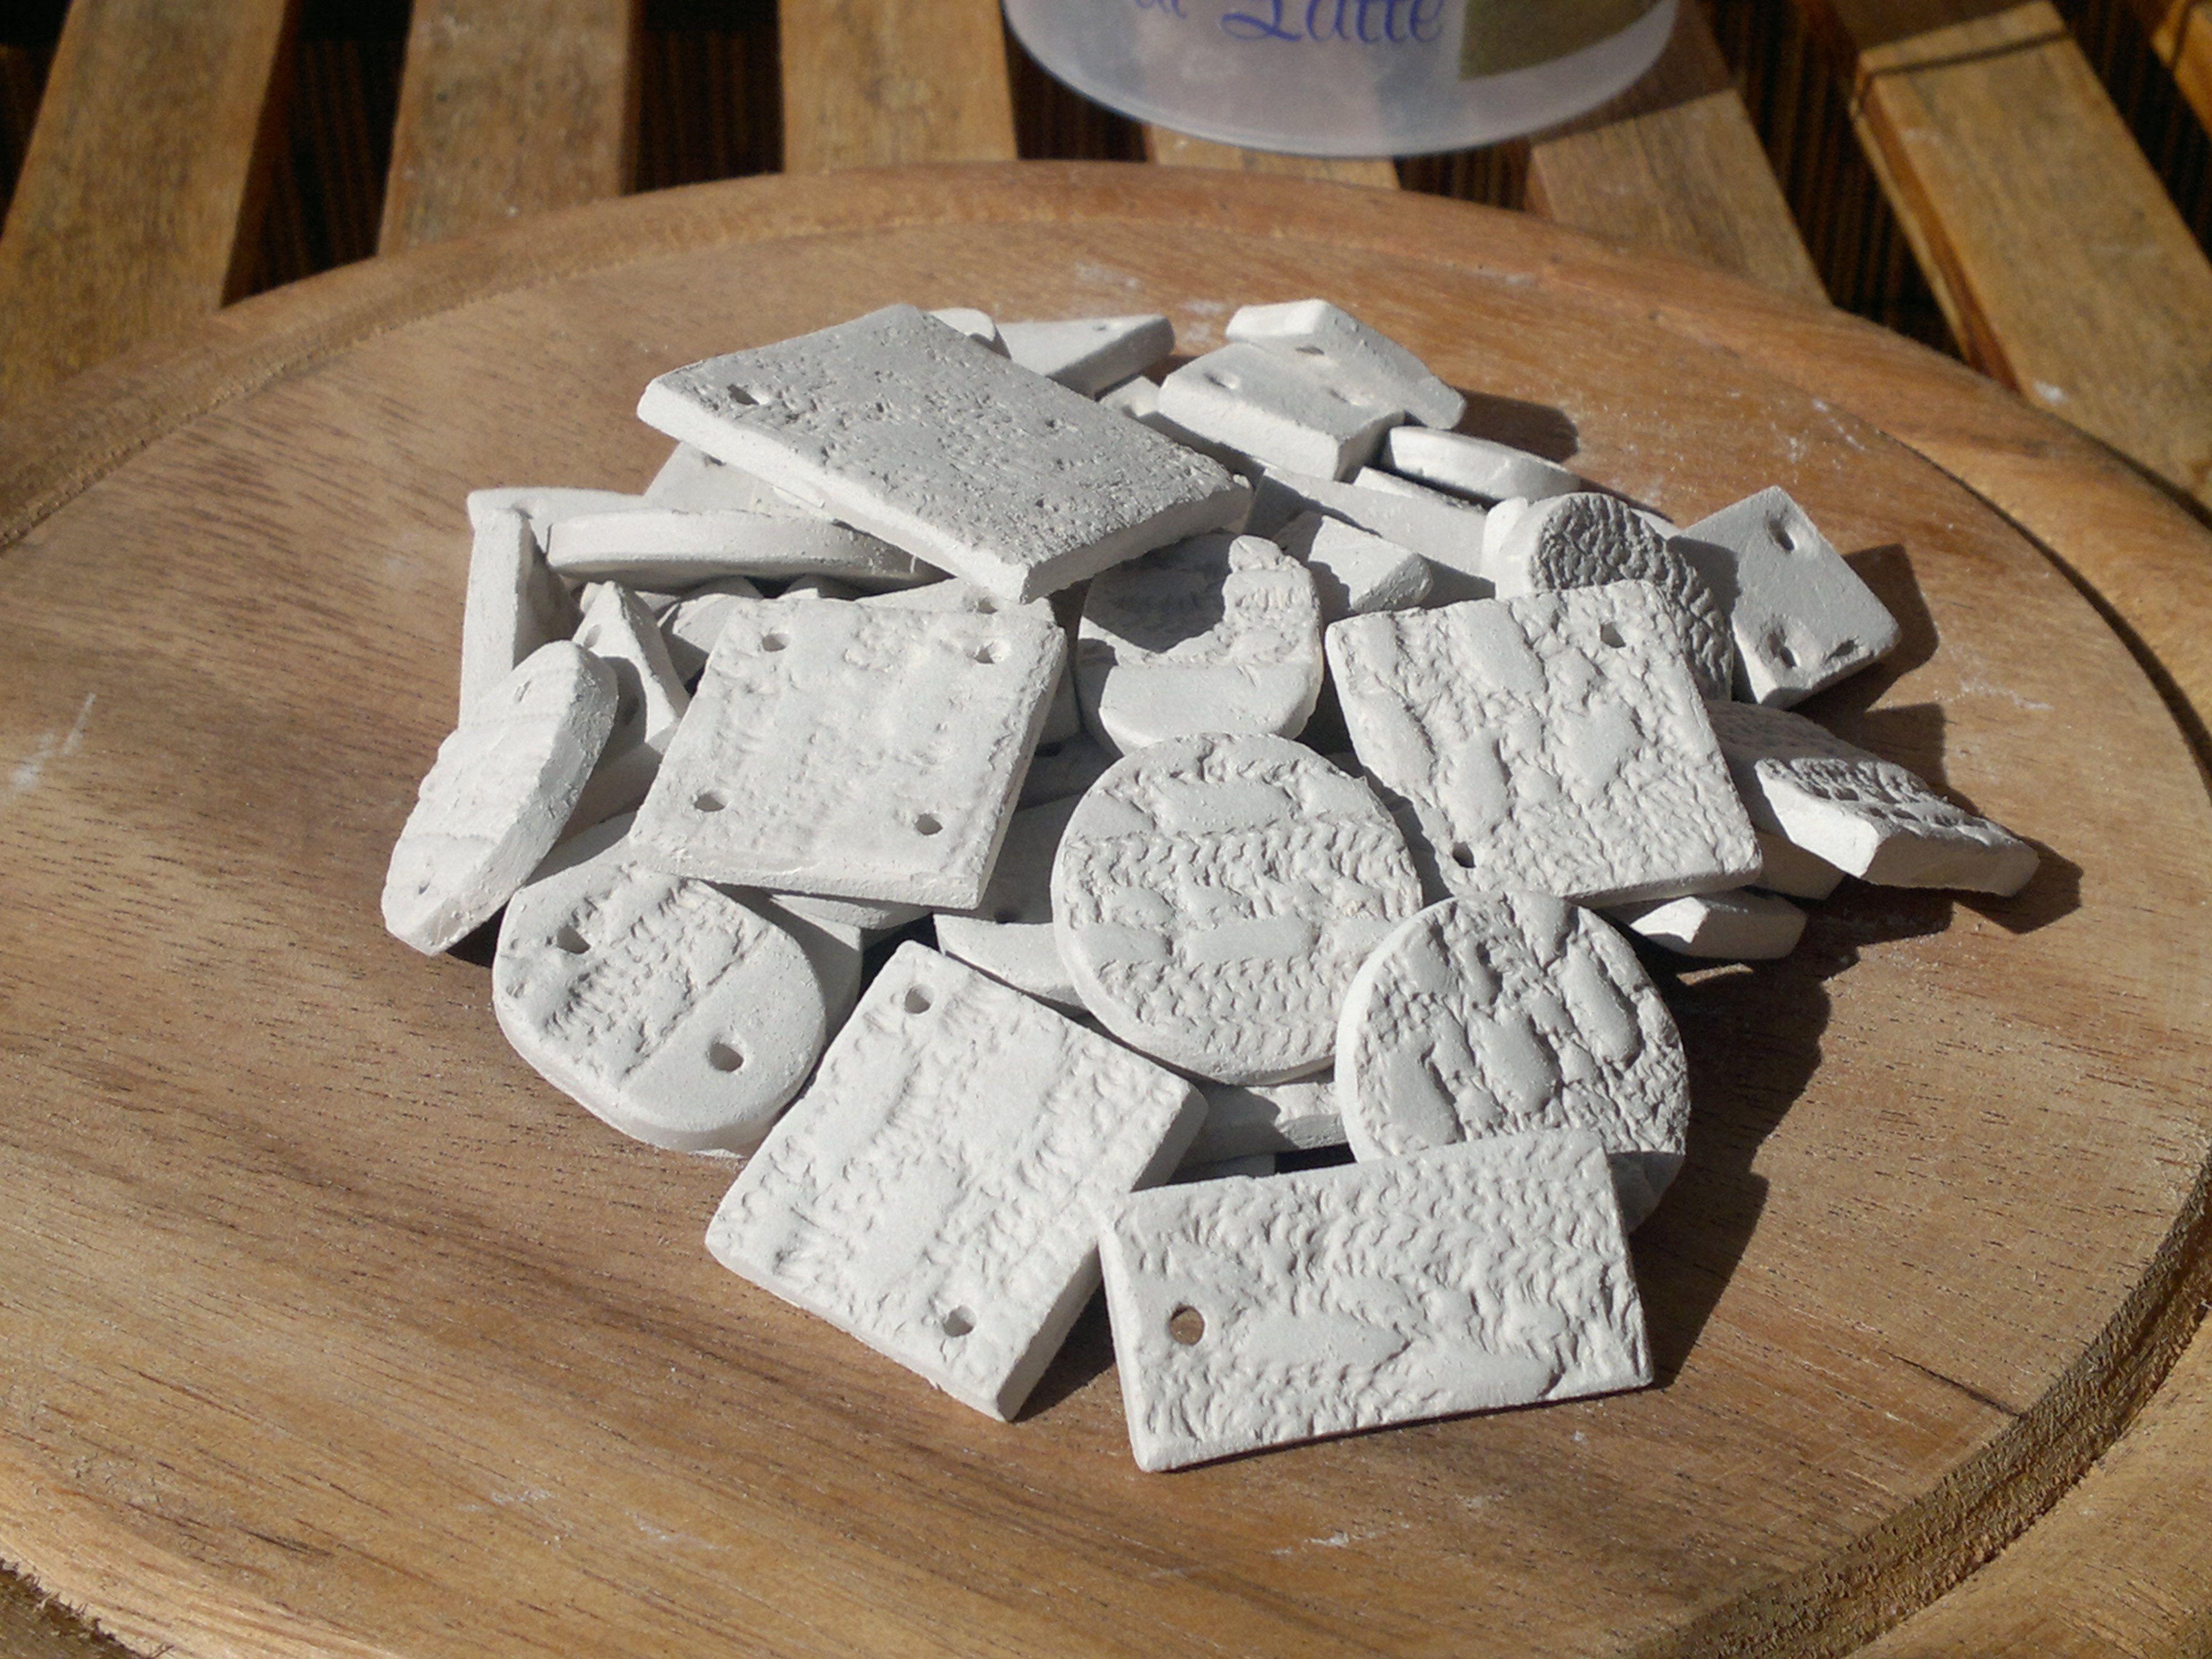 Componenti in argilla per bijoux